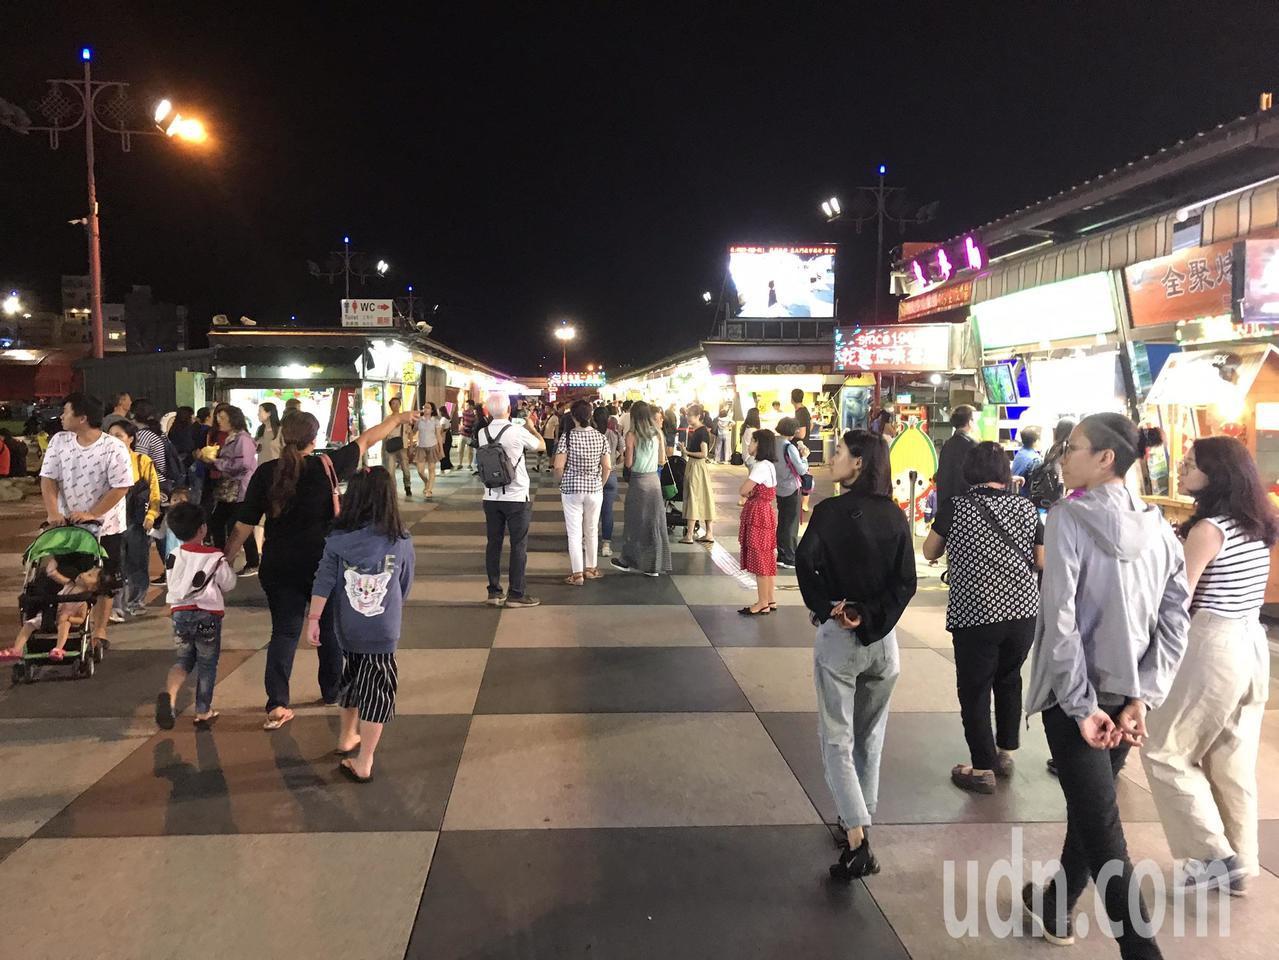 花蓮東大門夜市逛起來很舒服,是到花蓮必訪的景點。記者王燕華/攝影